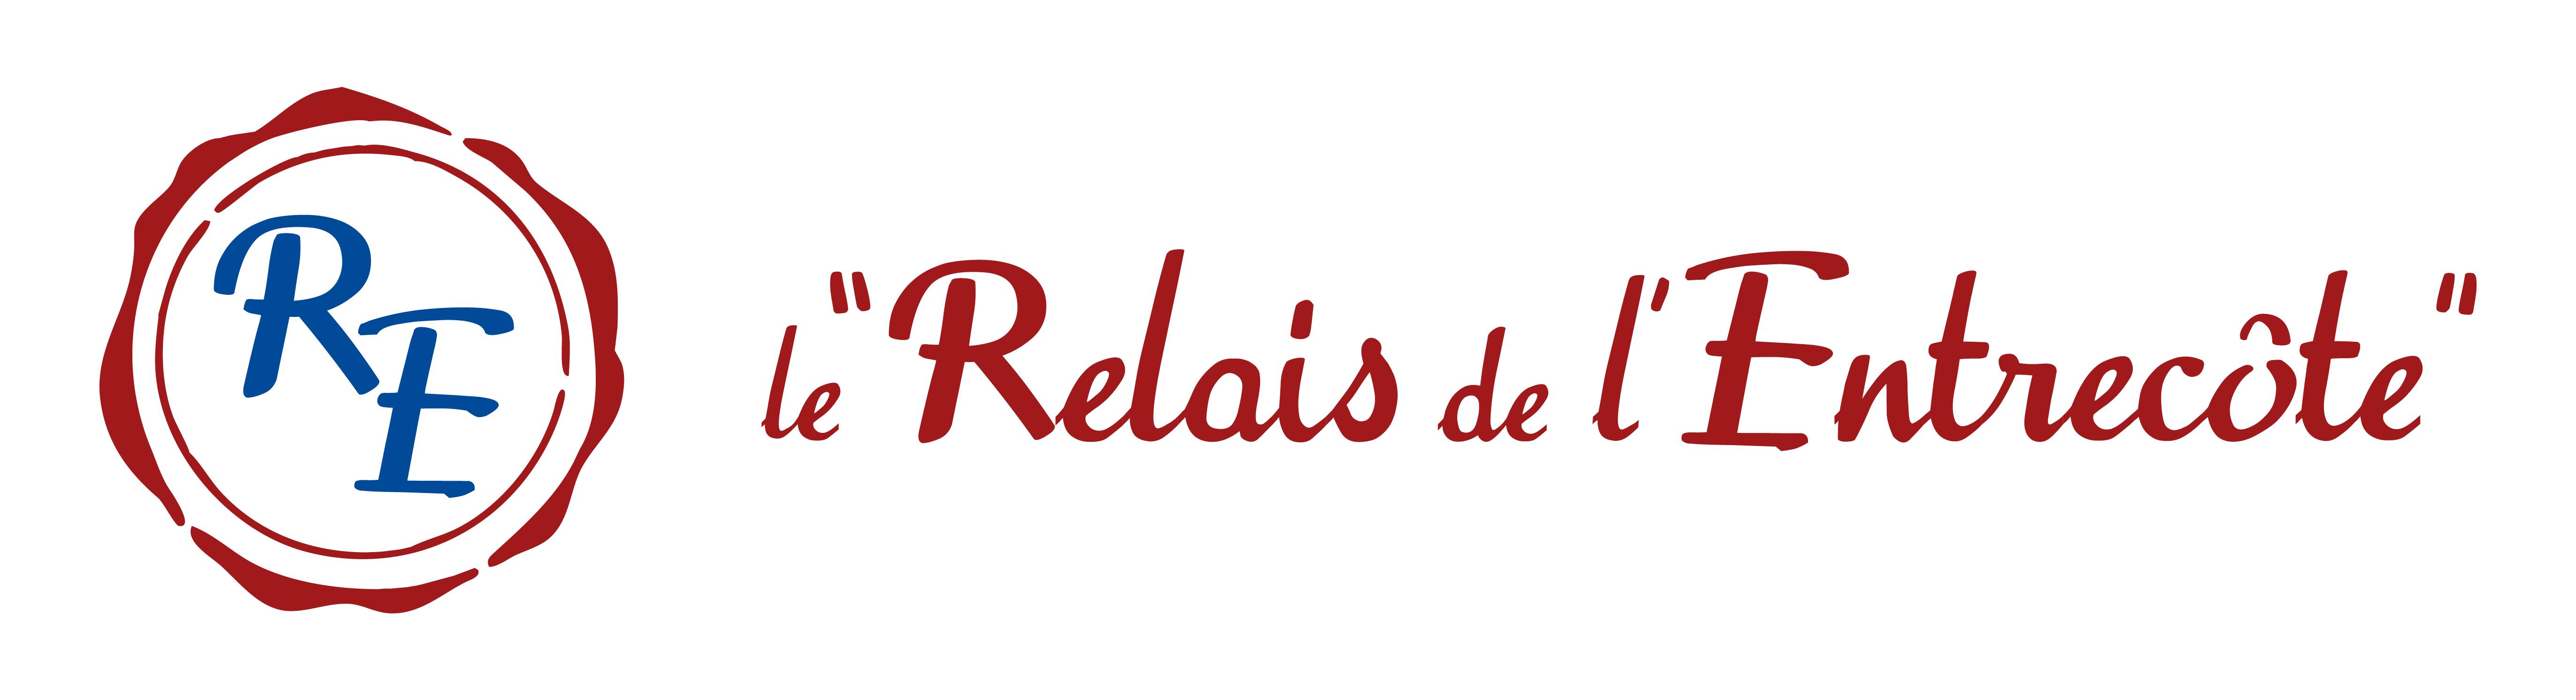 RE_picto_typo_blanc_rougebleu